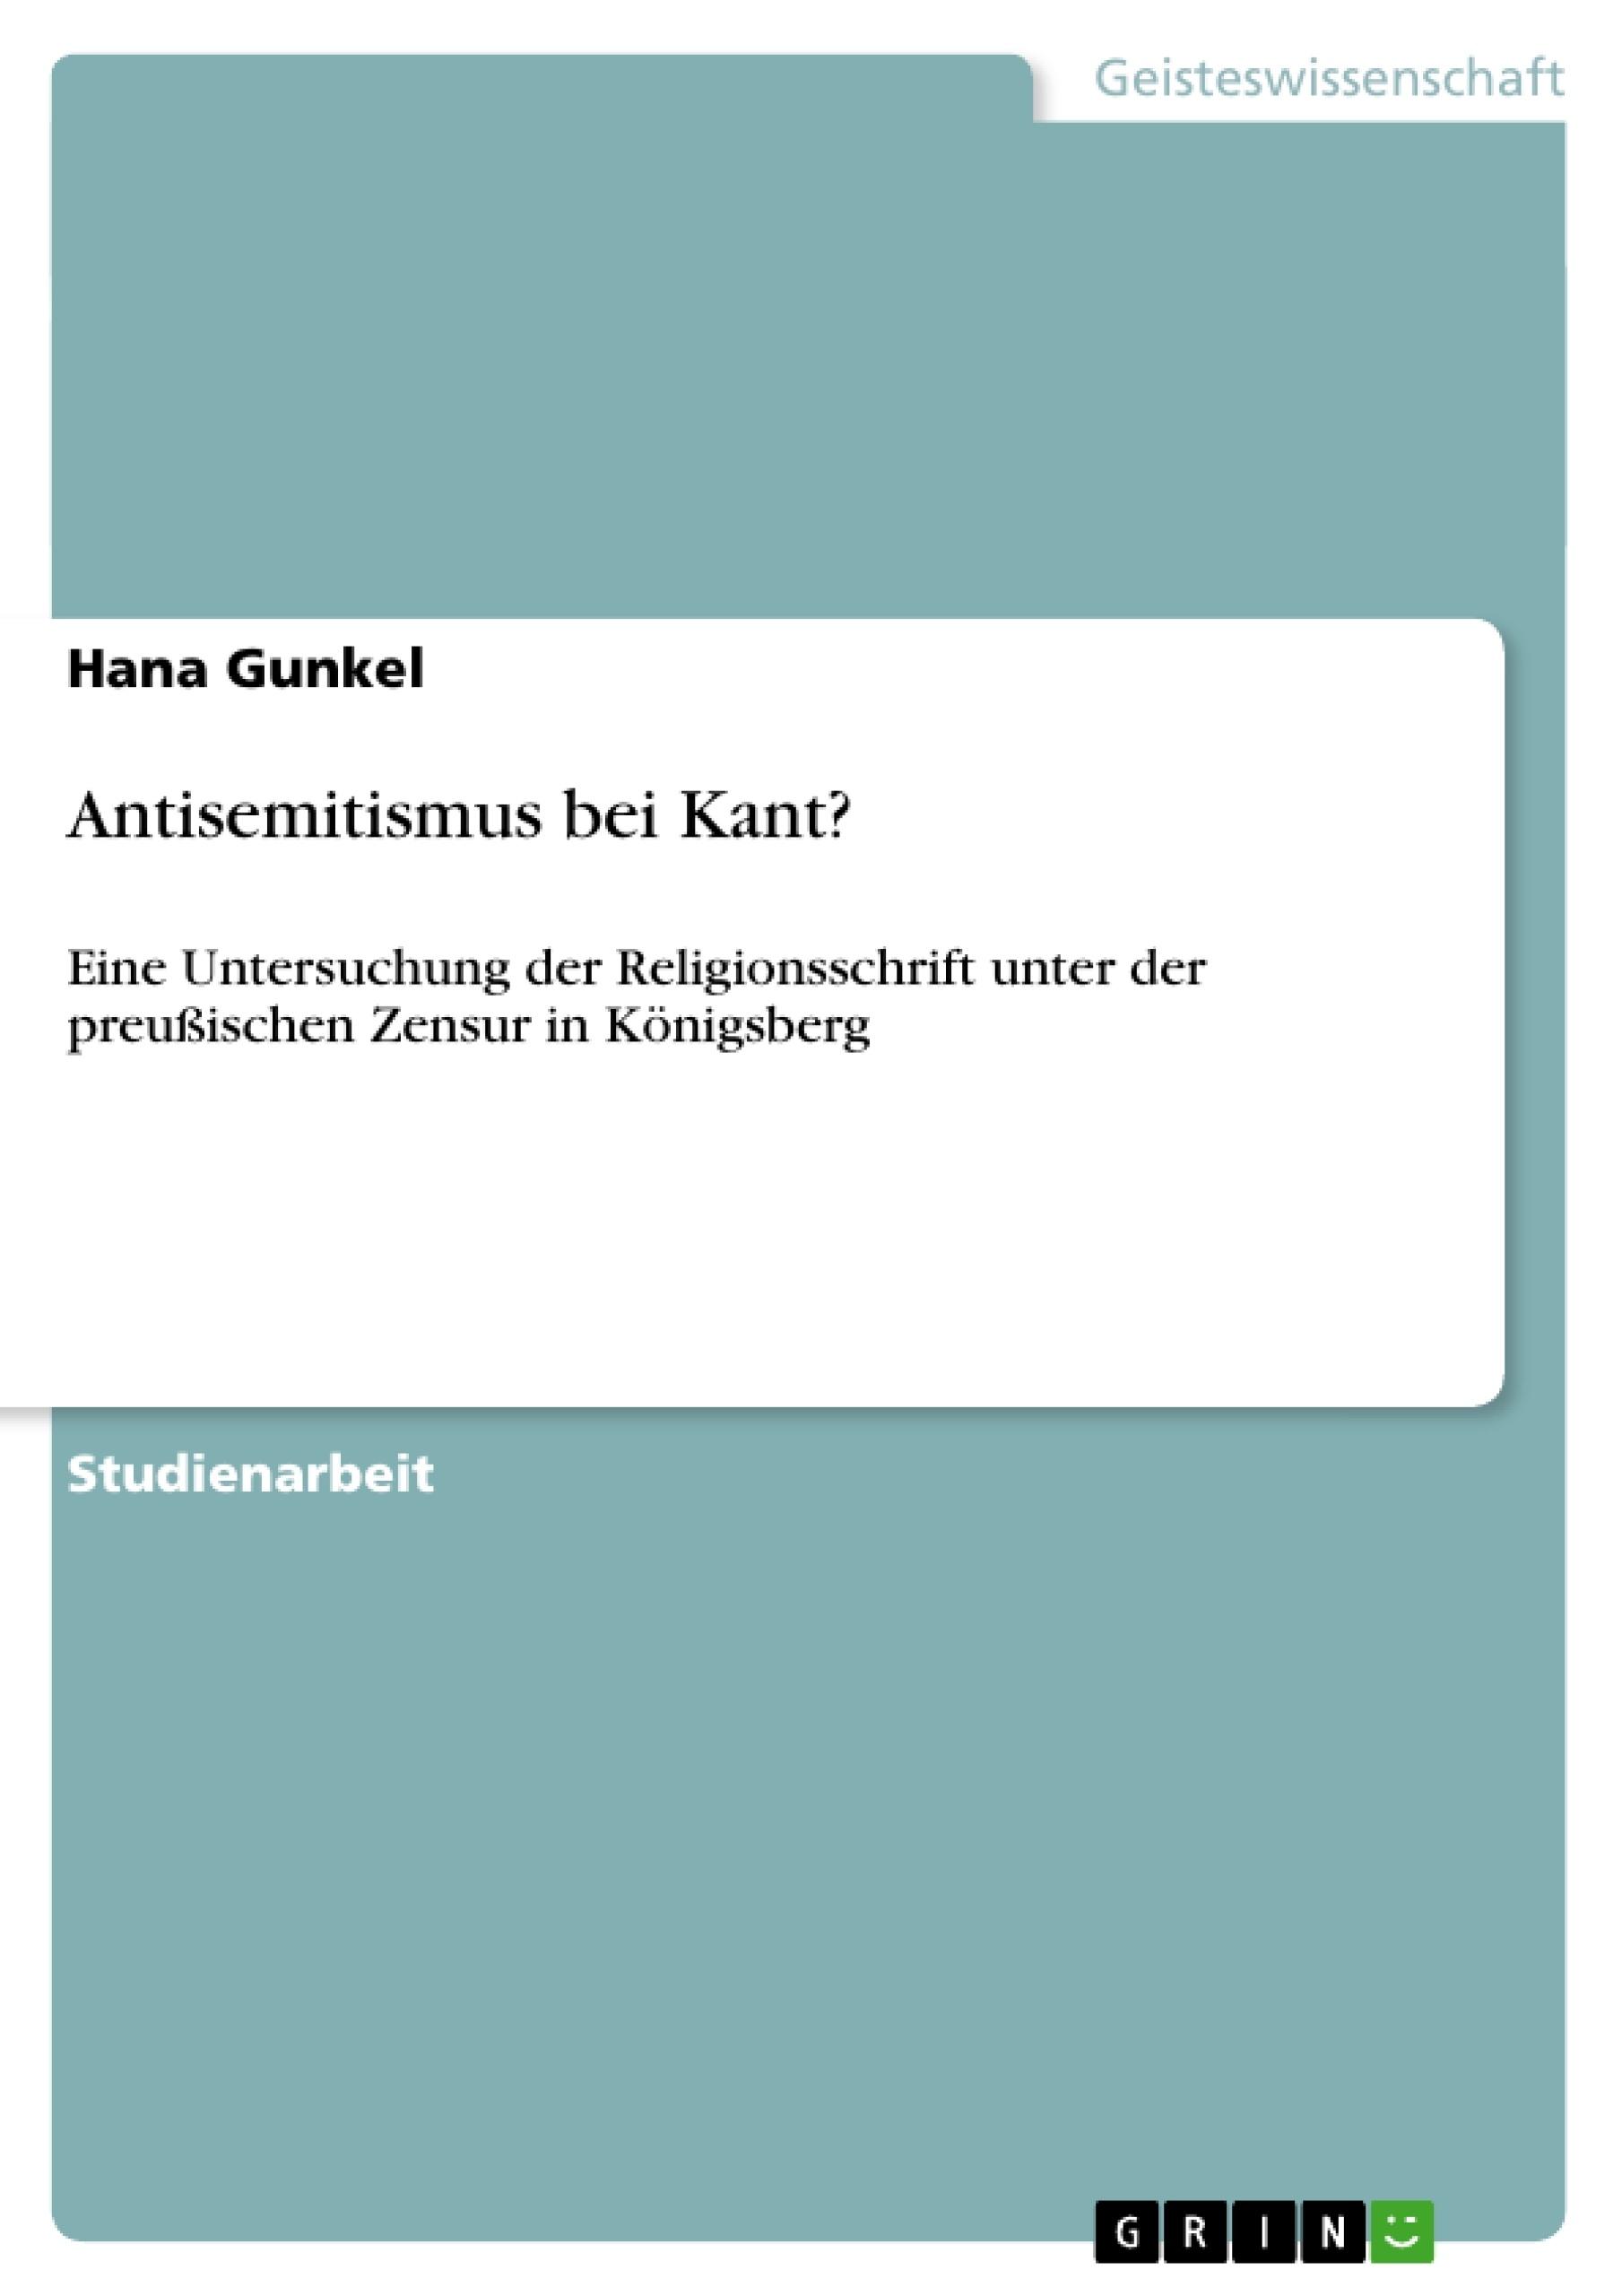 Titel: Antisemitismus bei Kant?